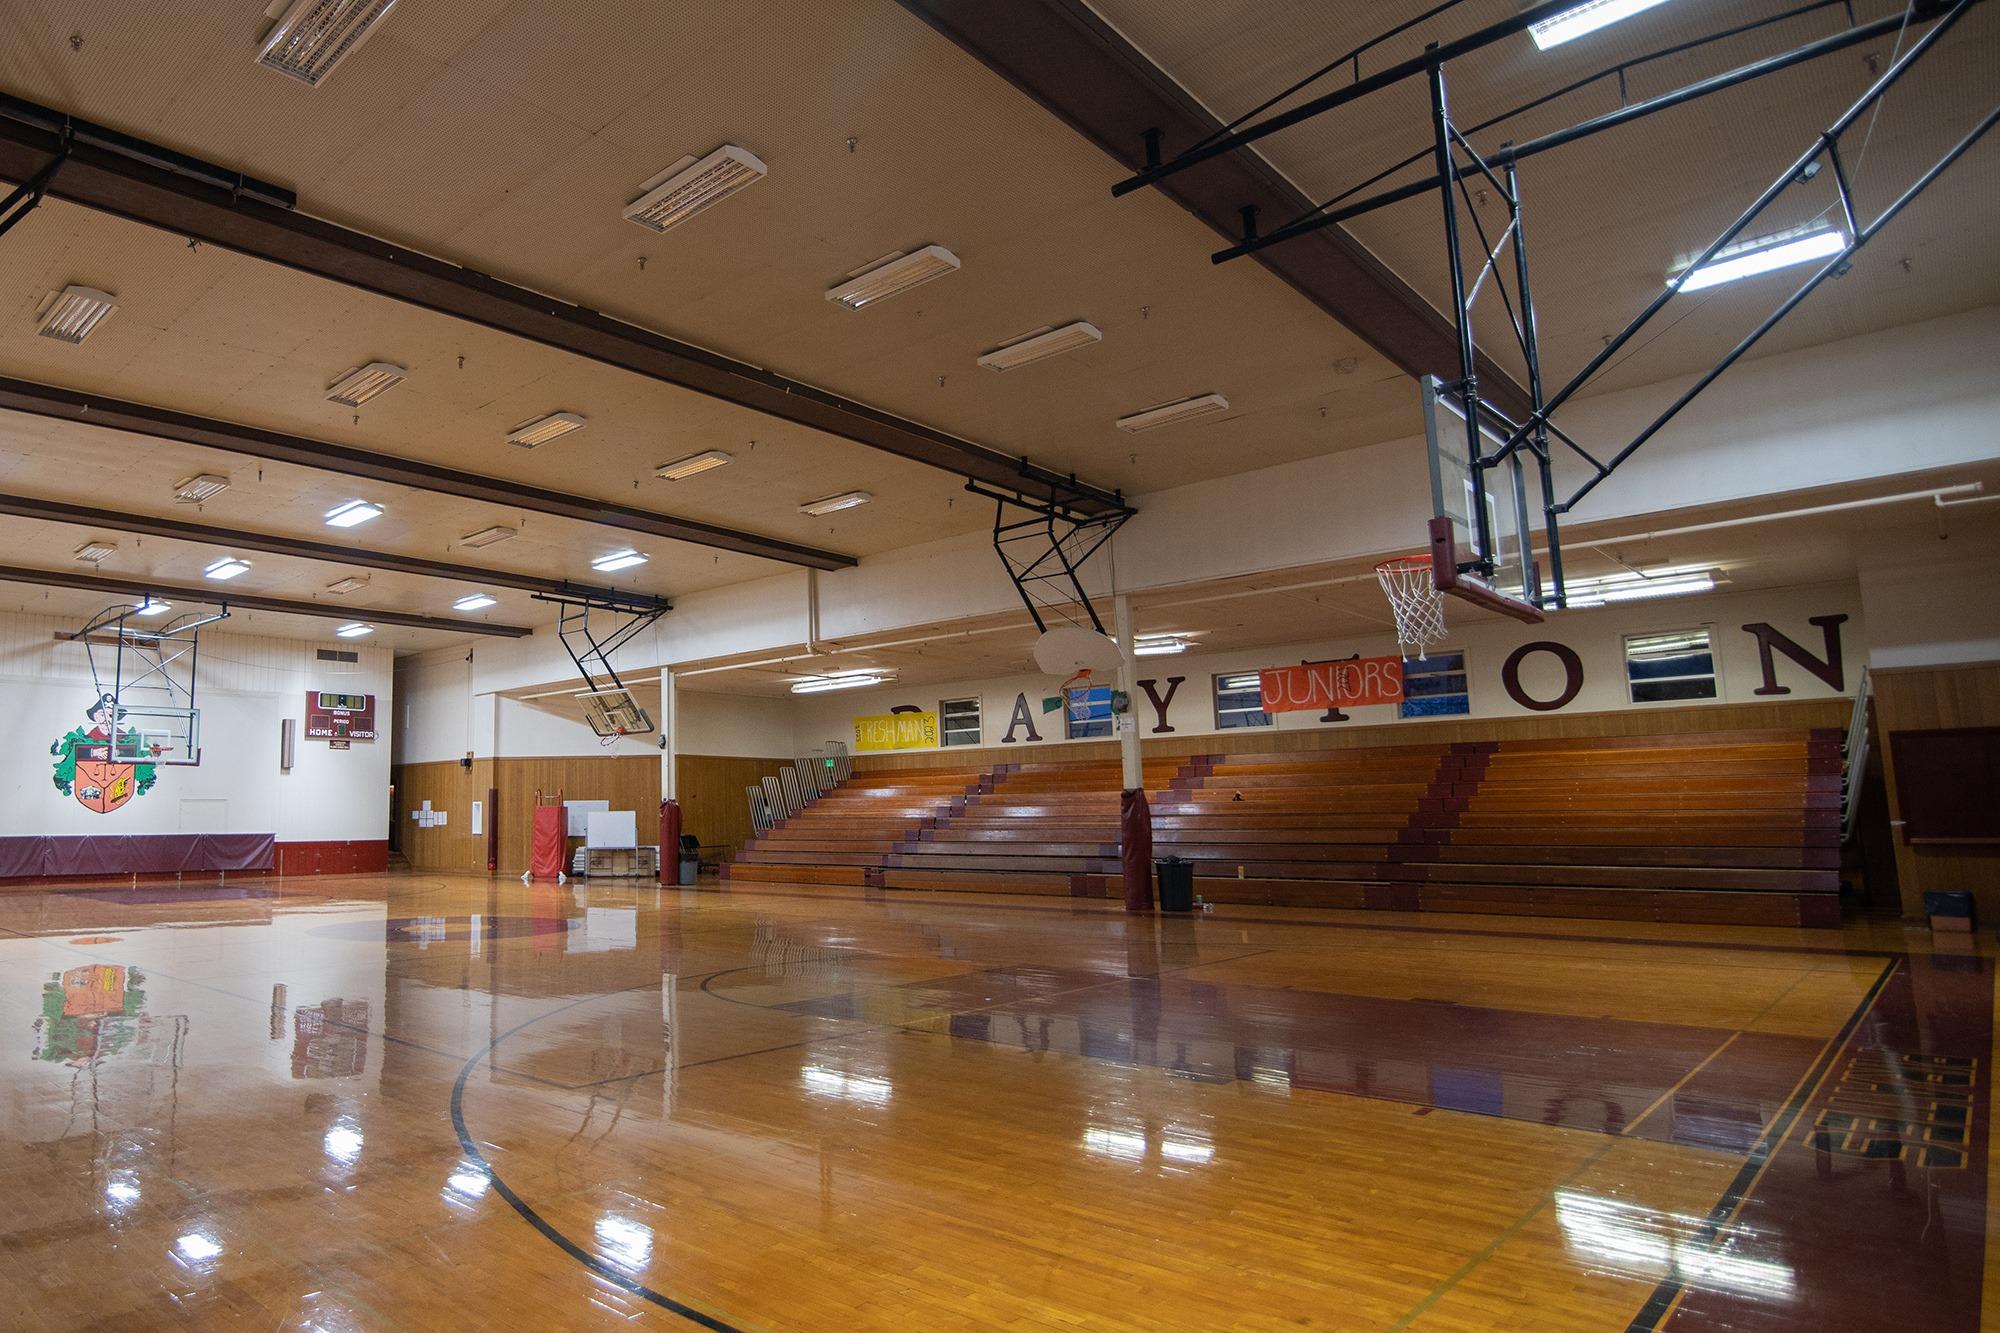 Dayton High School - Gym